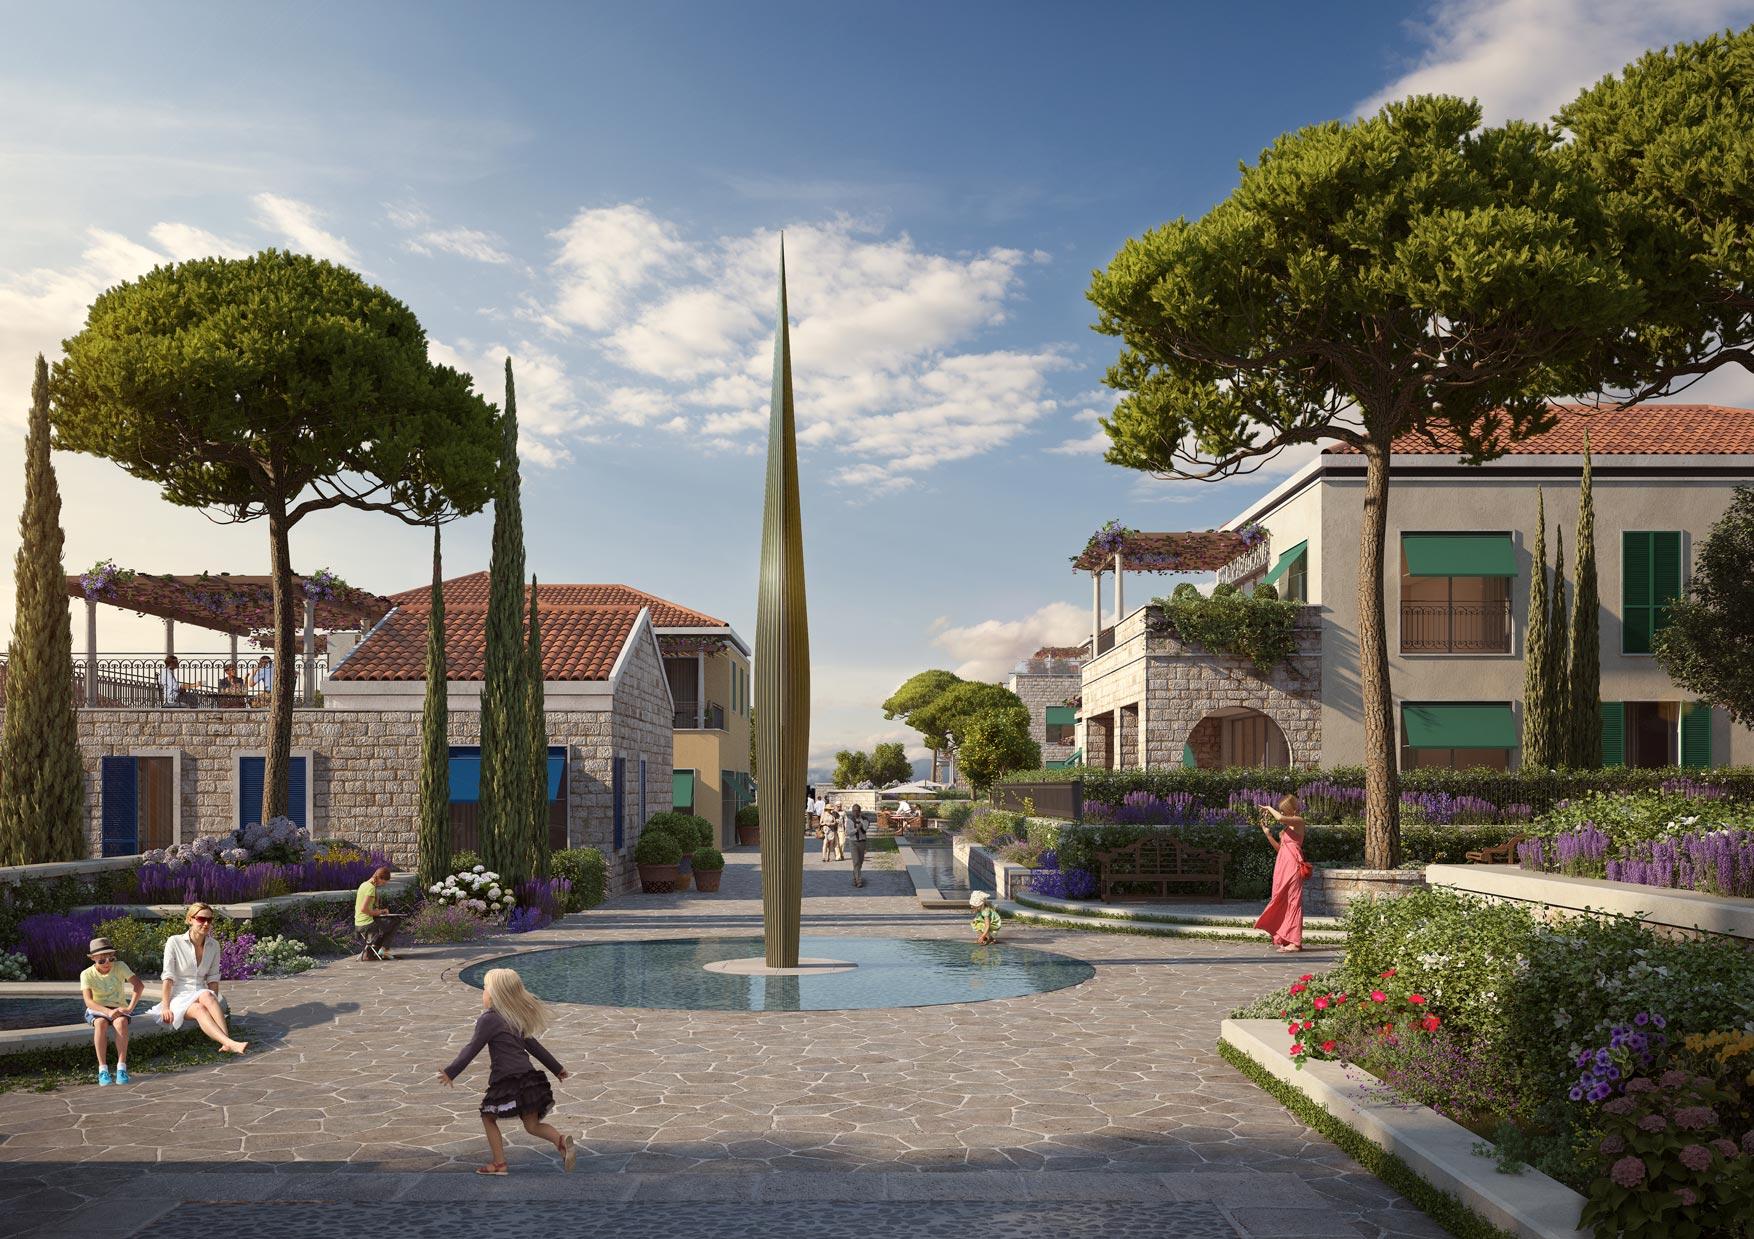 Elite-resort-with-luxury-apartments-in-Herceg-Novi (18).jpg